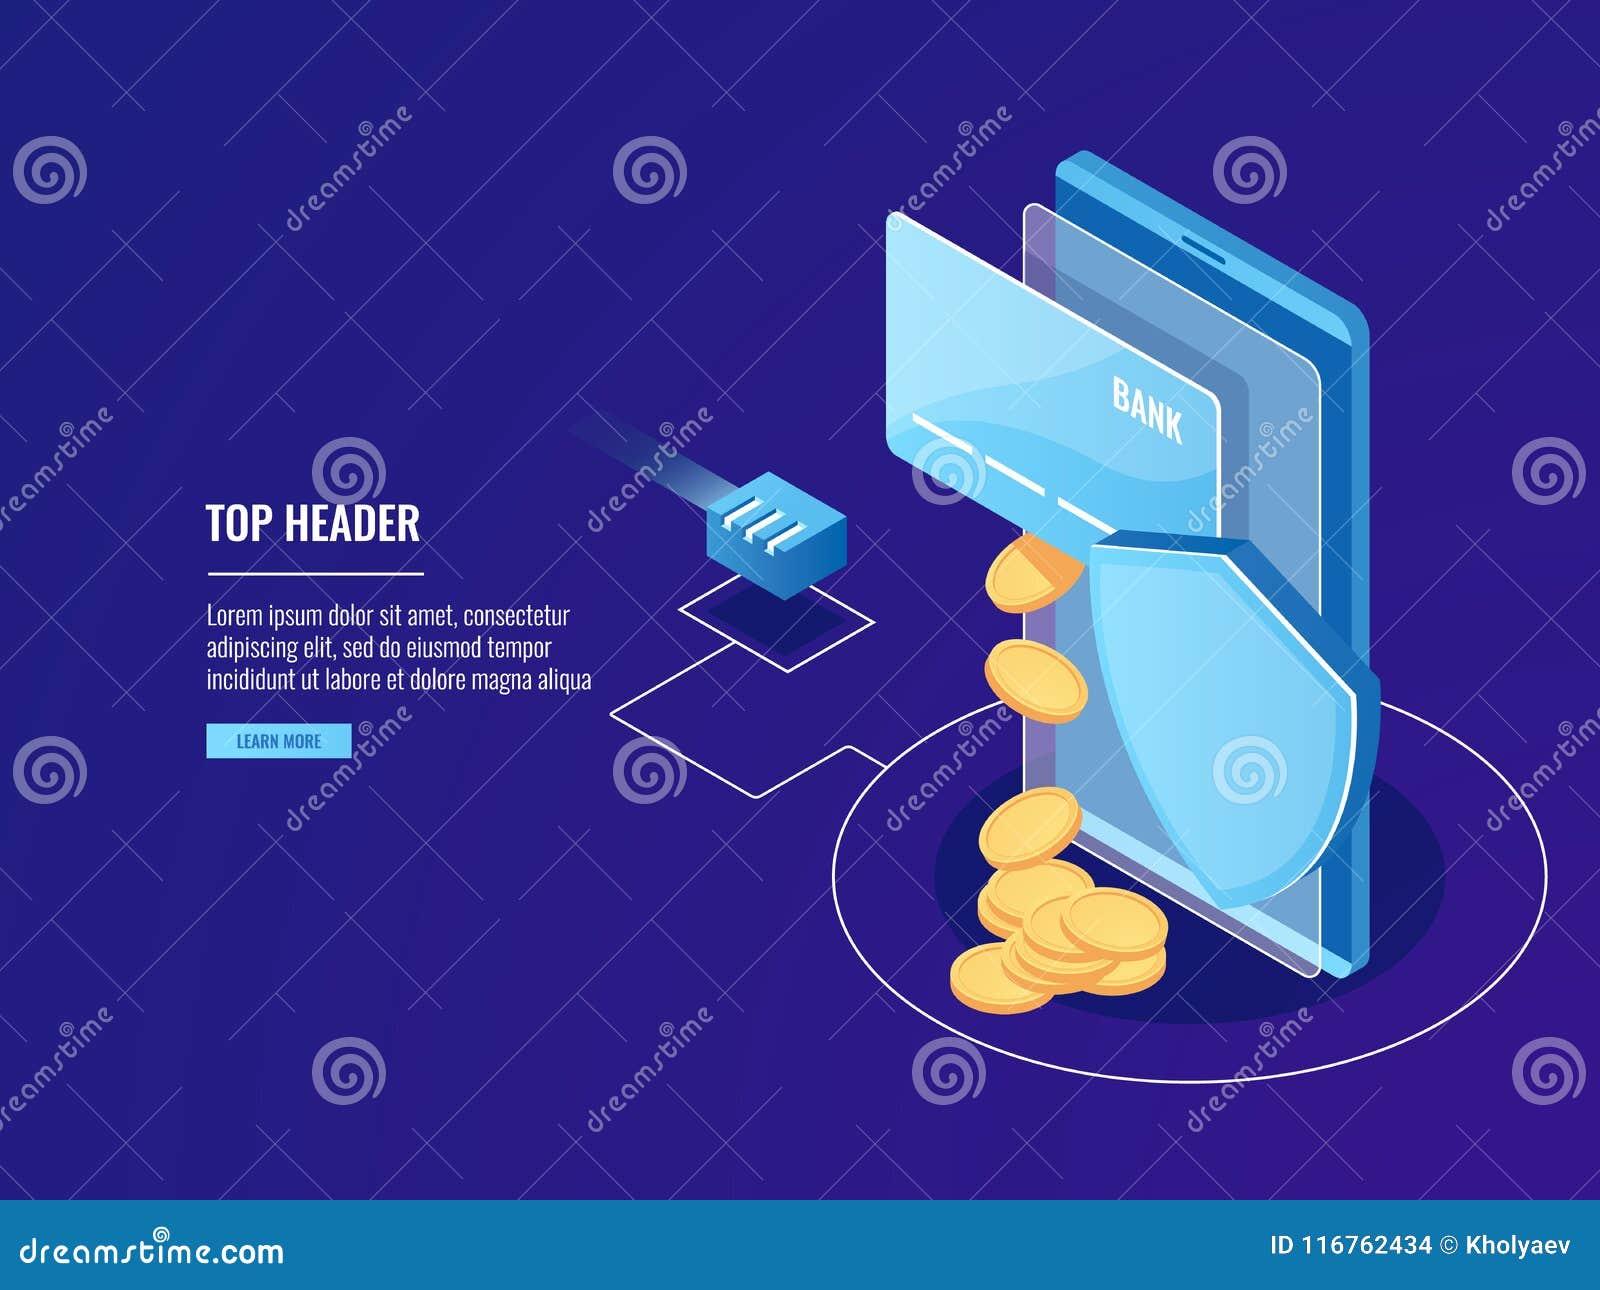 通过移动设备、网上付款、信用卡与智能手机和盾,电子金钱获取银行汇款